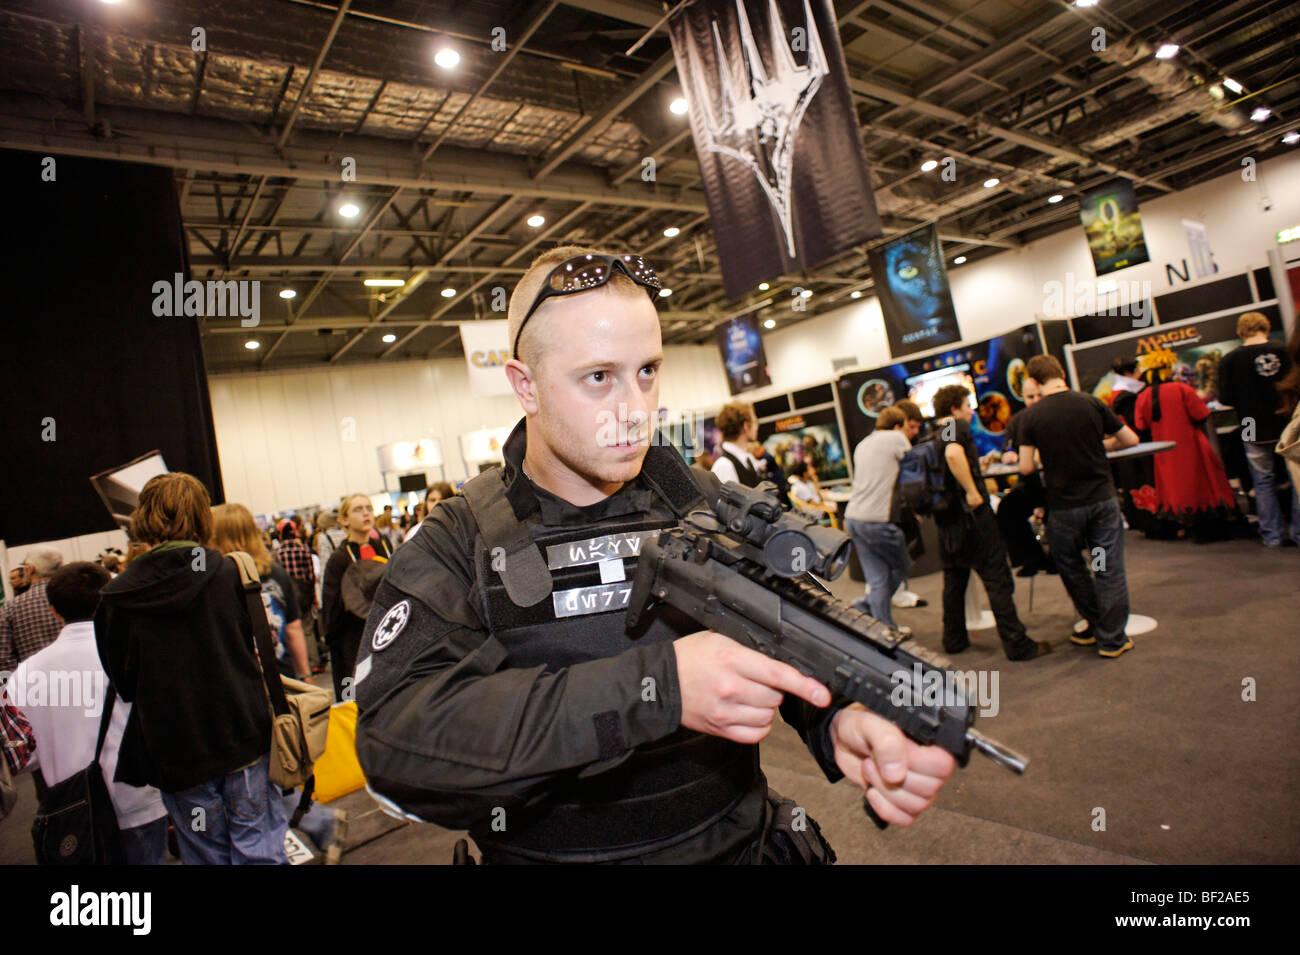 Ventola con pistola finta vestito in costume di pattugliamento di carattere al London MCM expo. Excel. La Gran Bretagna Immagini Stock